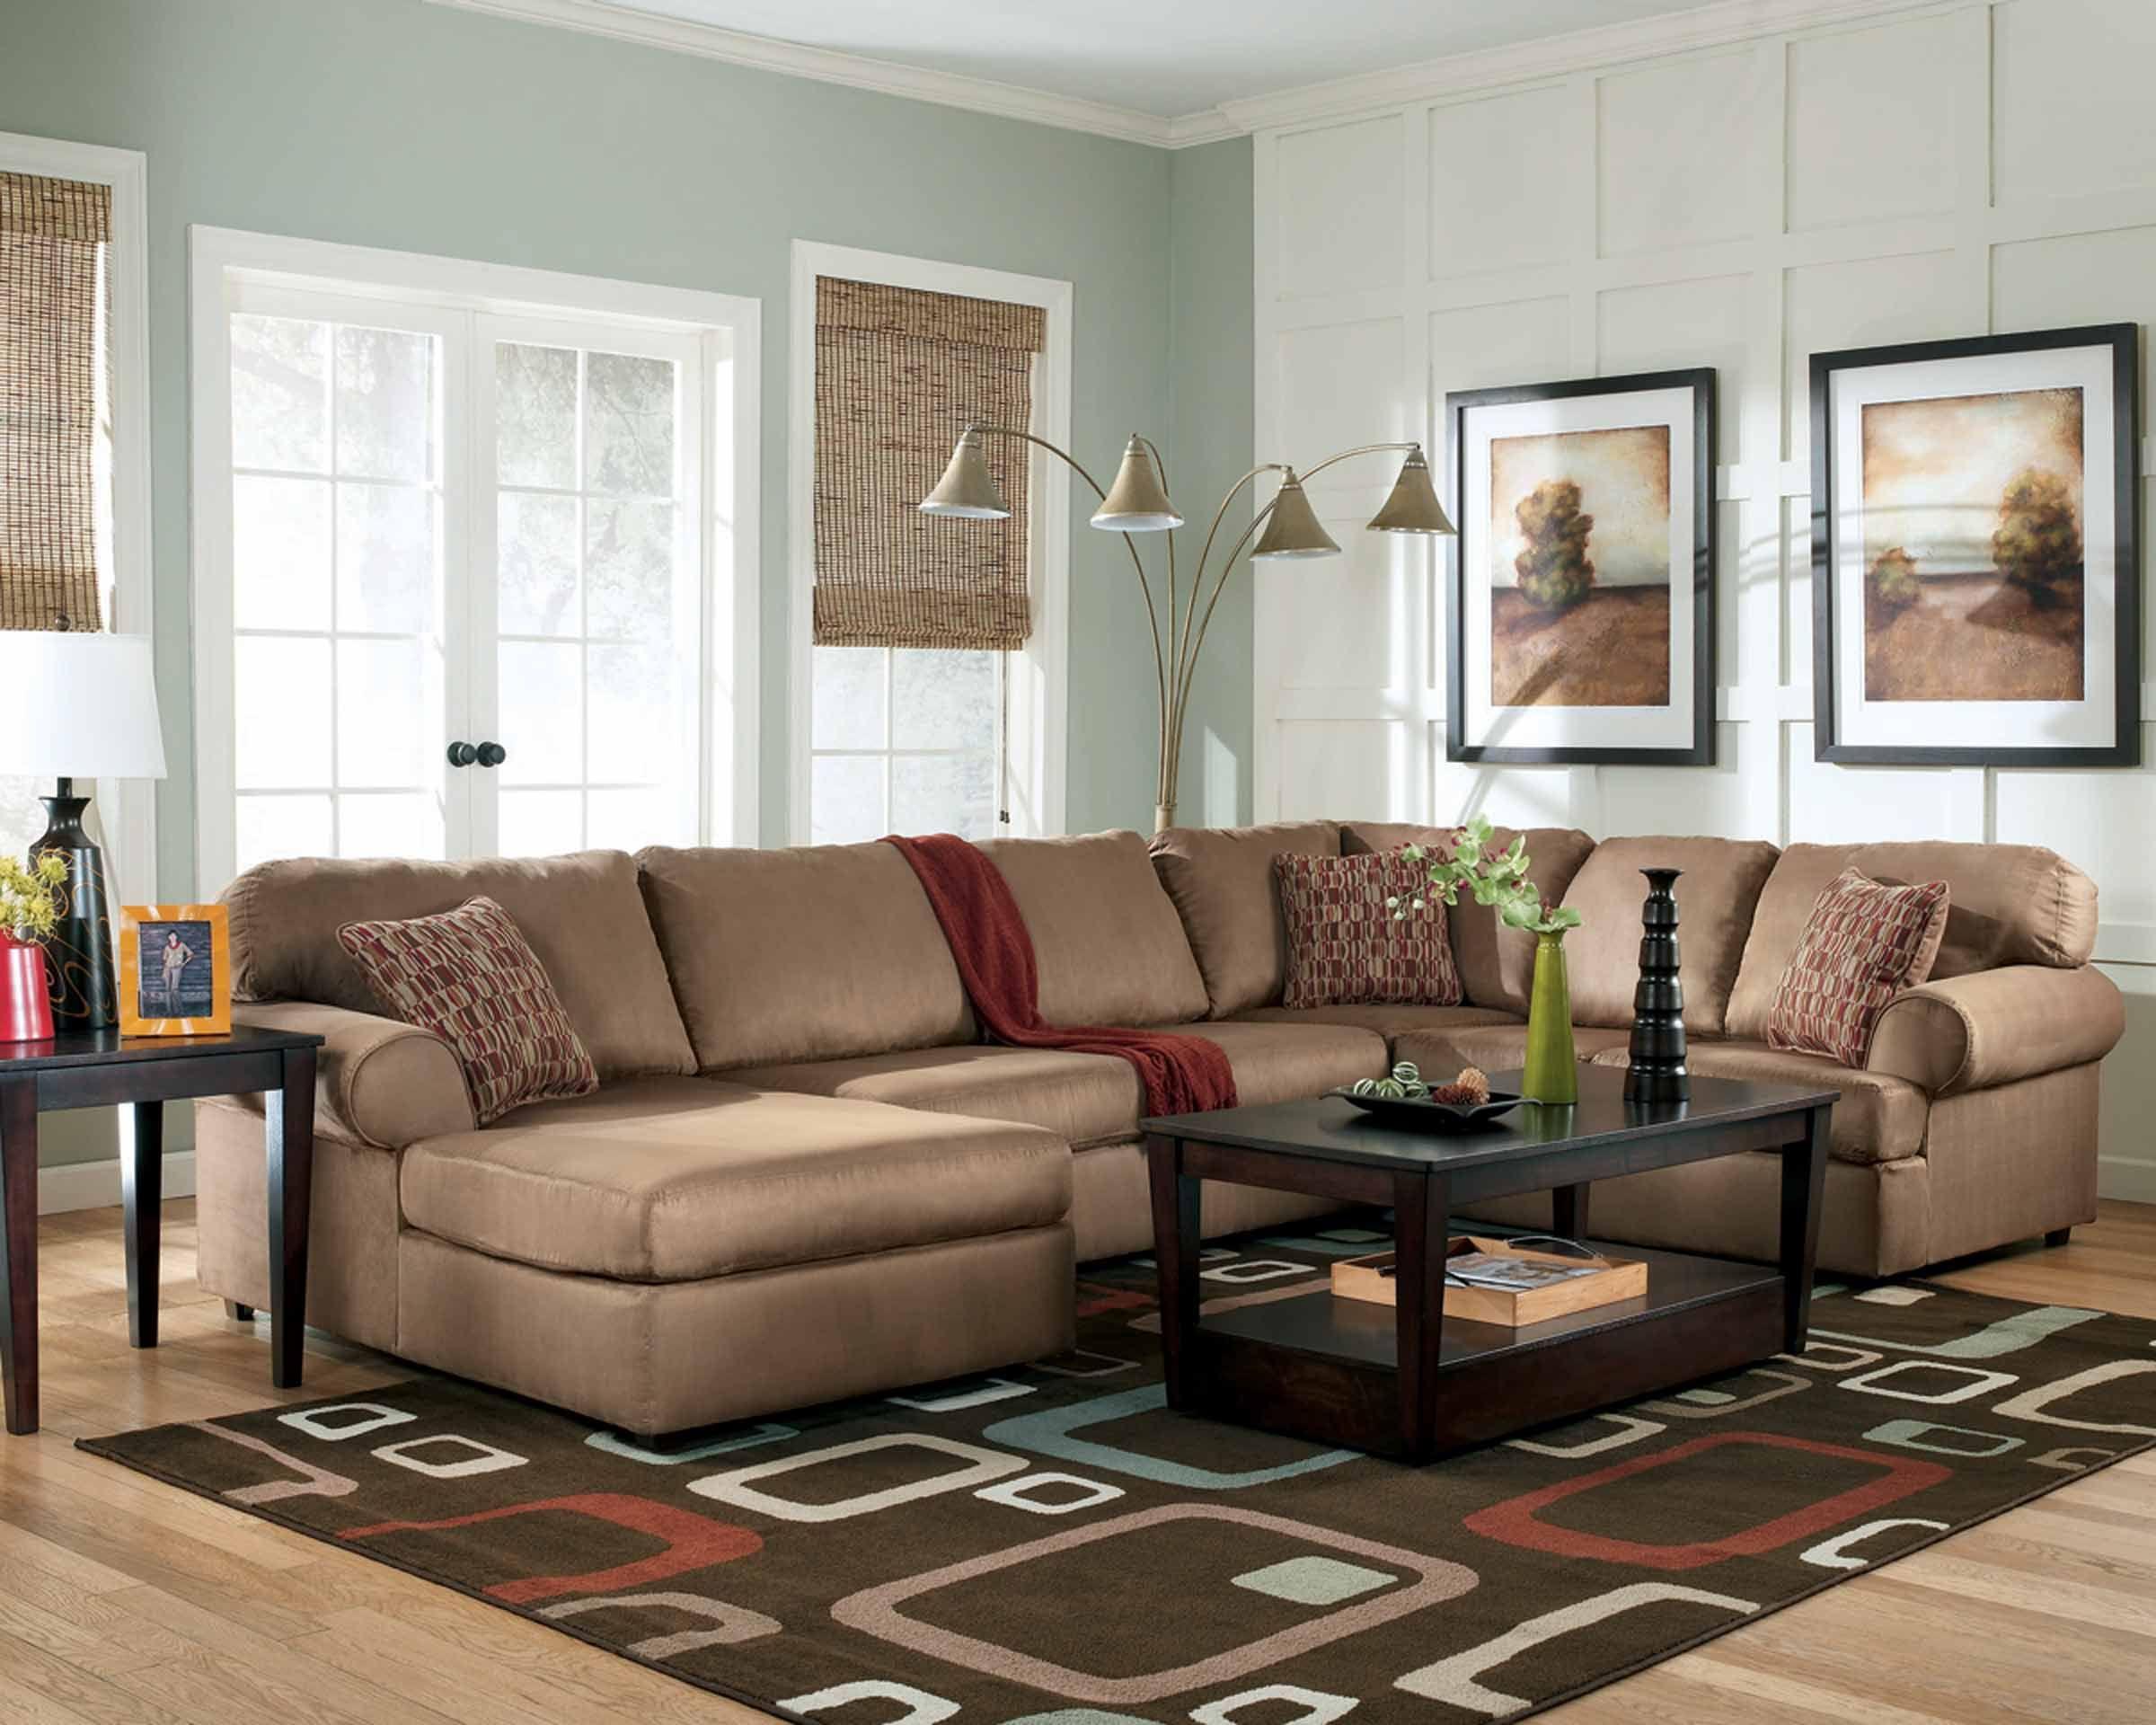 Residential Carpets by RKS rks karpetsbyrks designerrugs